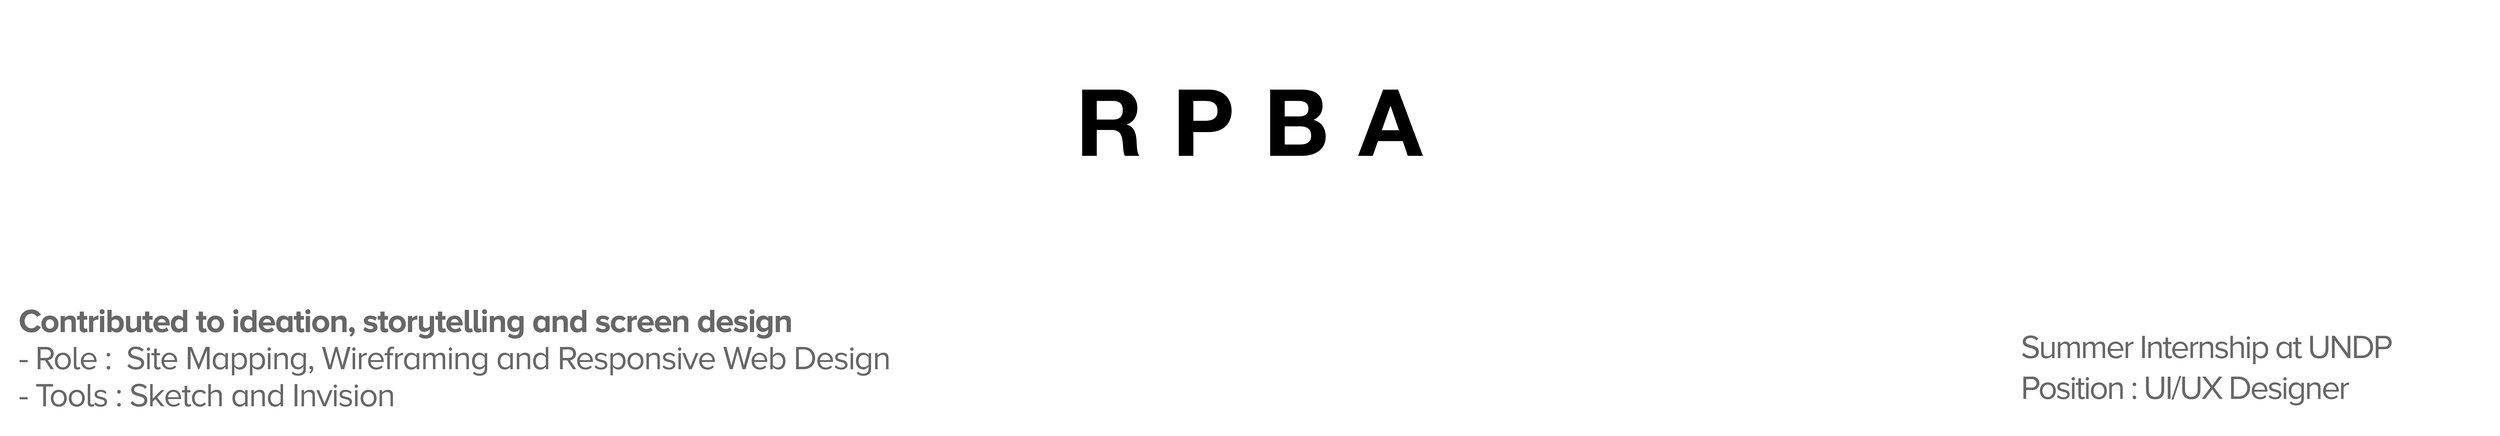 RPBA.jpg